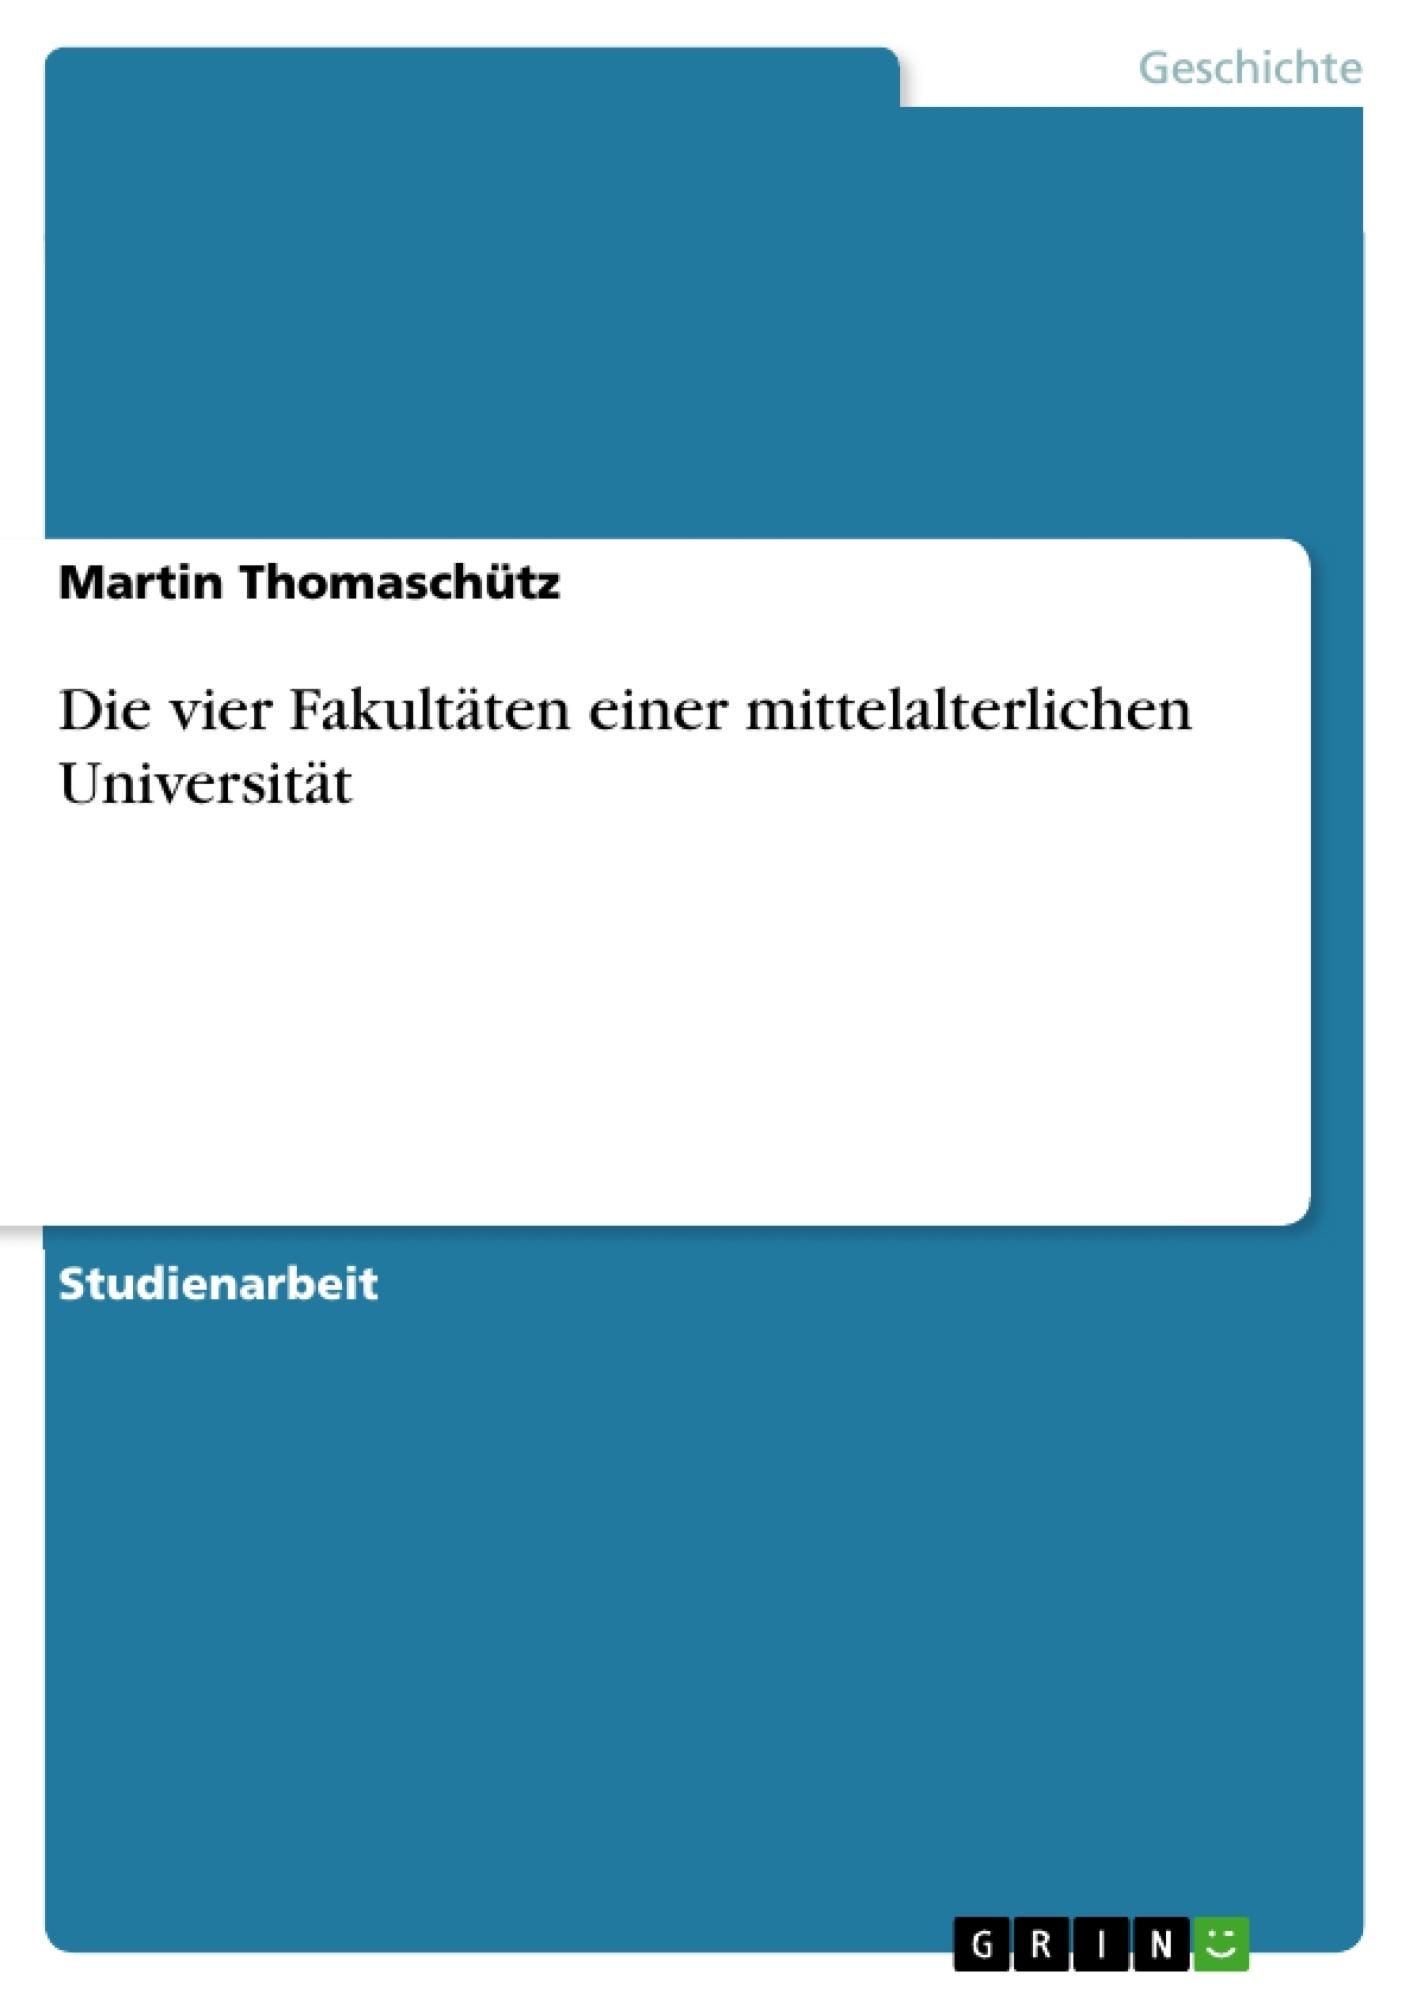 Titel: Die vier Fakultäten einer mittelalterlichen Universität